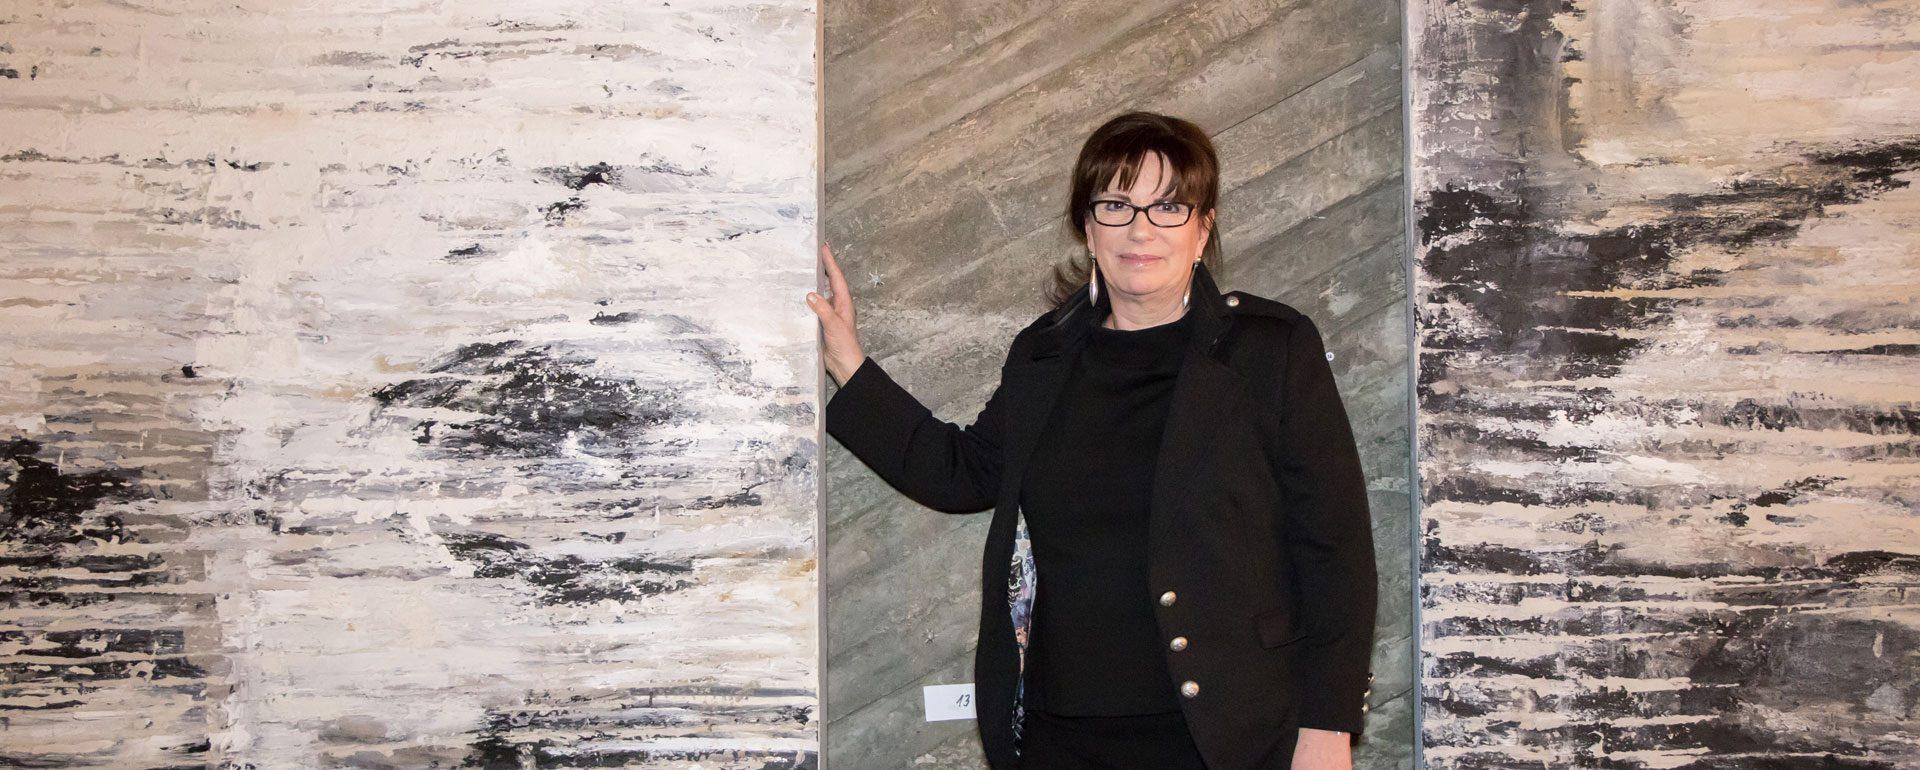 bertamaria reetz kulturkirche ost köln GAG